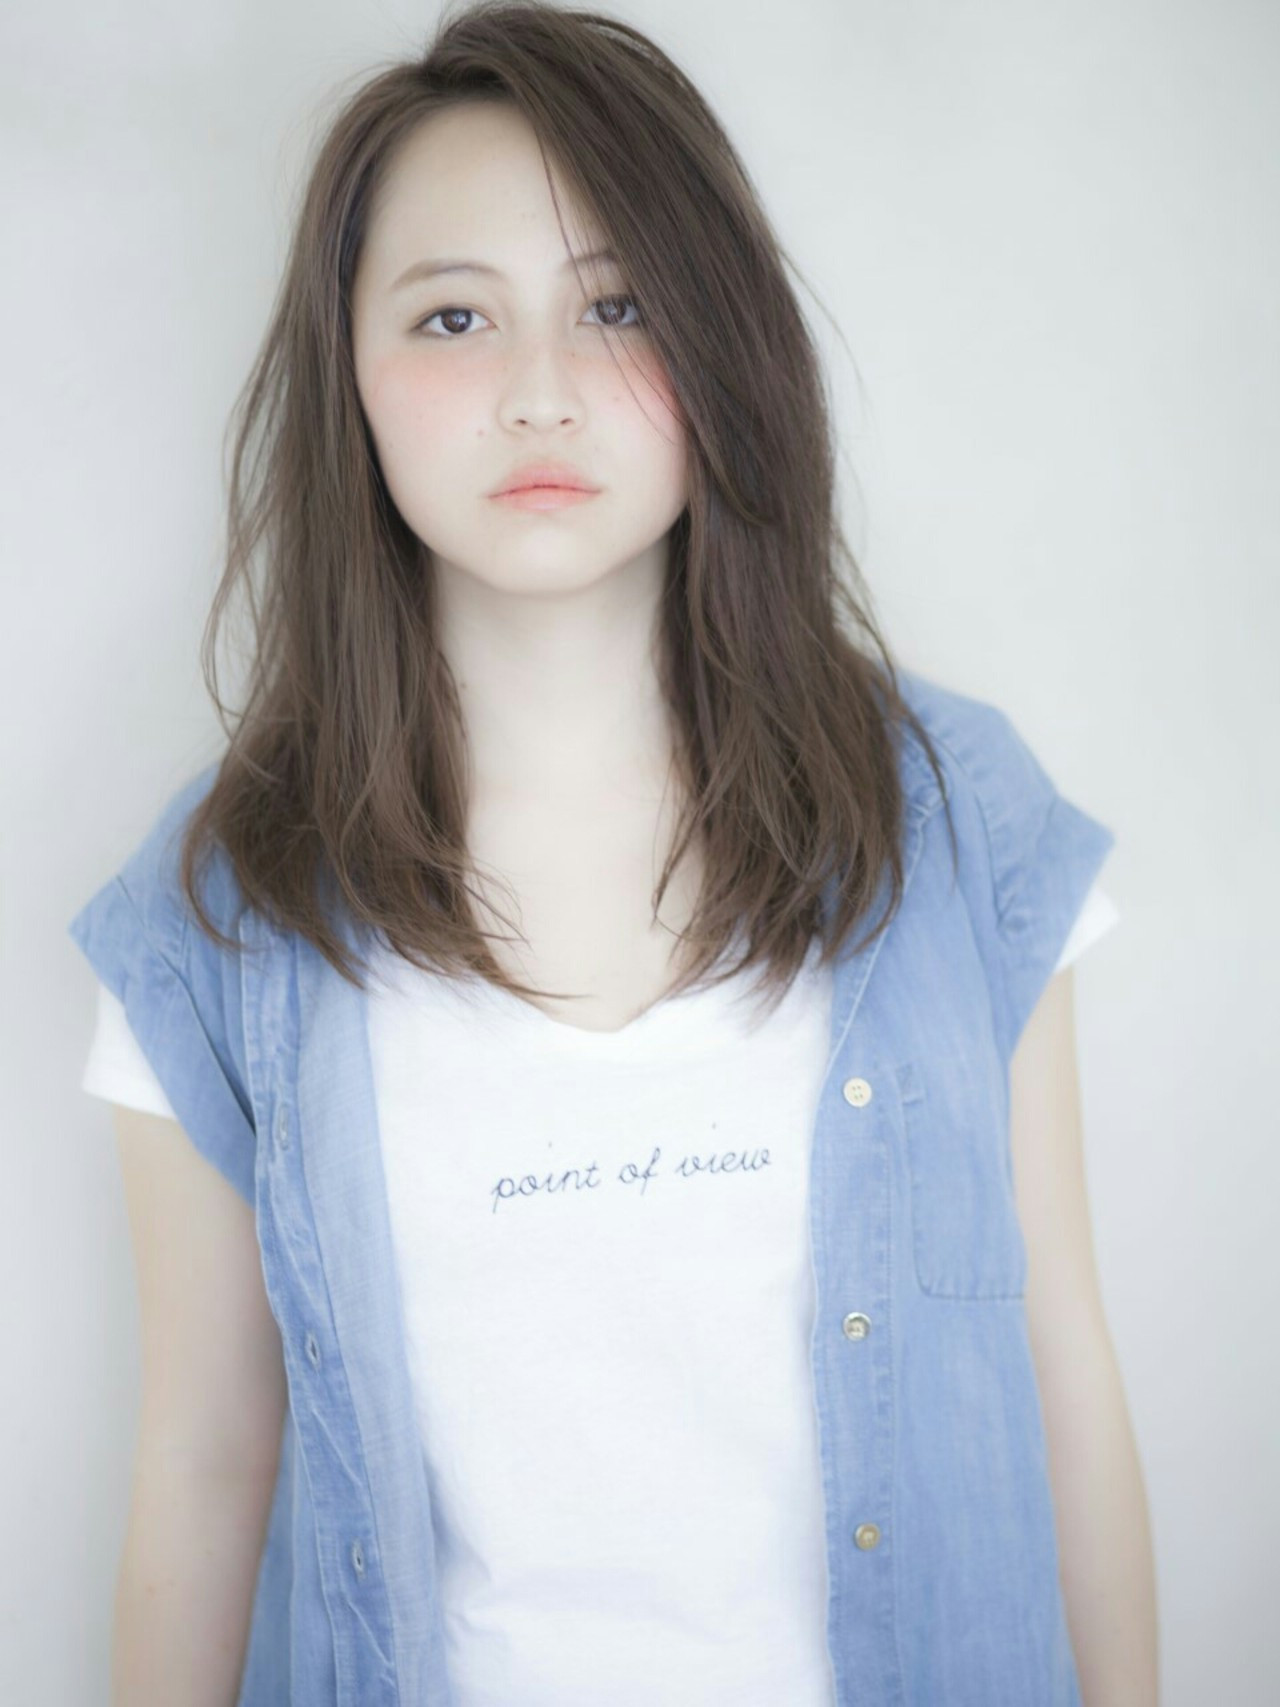 丸顔さんに似合う前髪なし黒髪セミロング! Yuya Yoshida